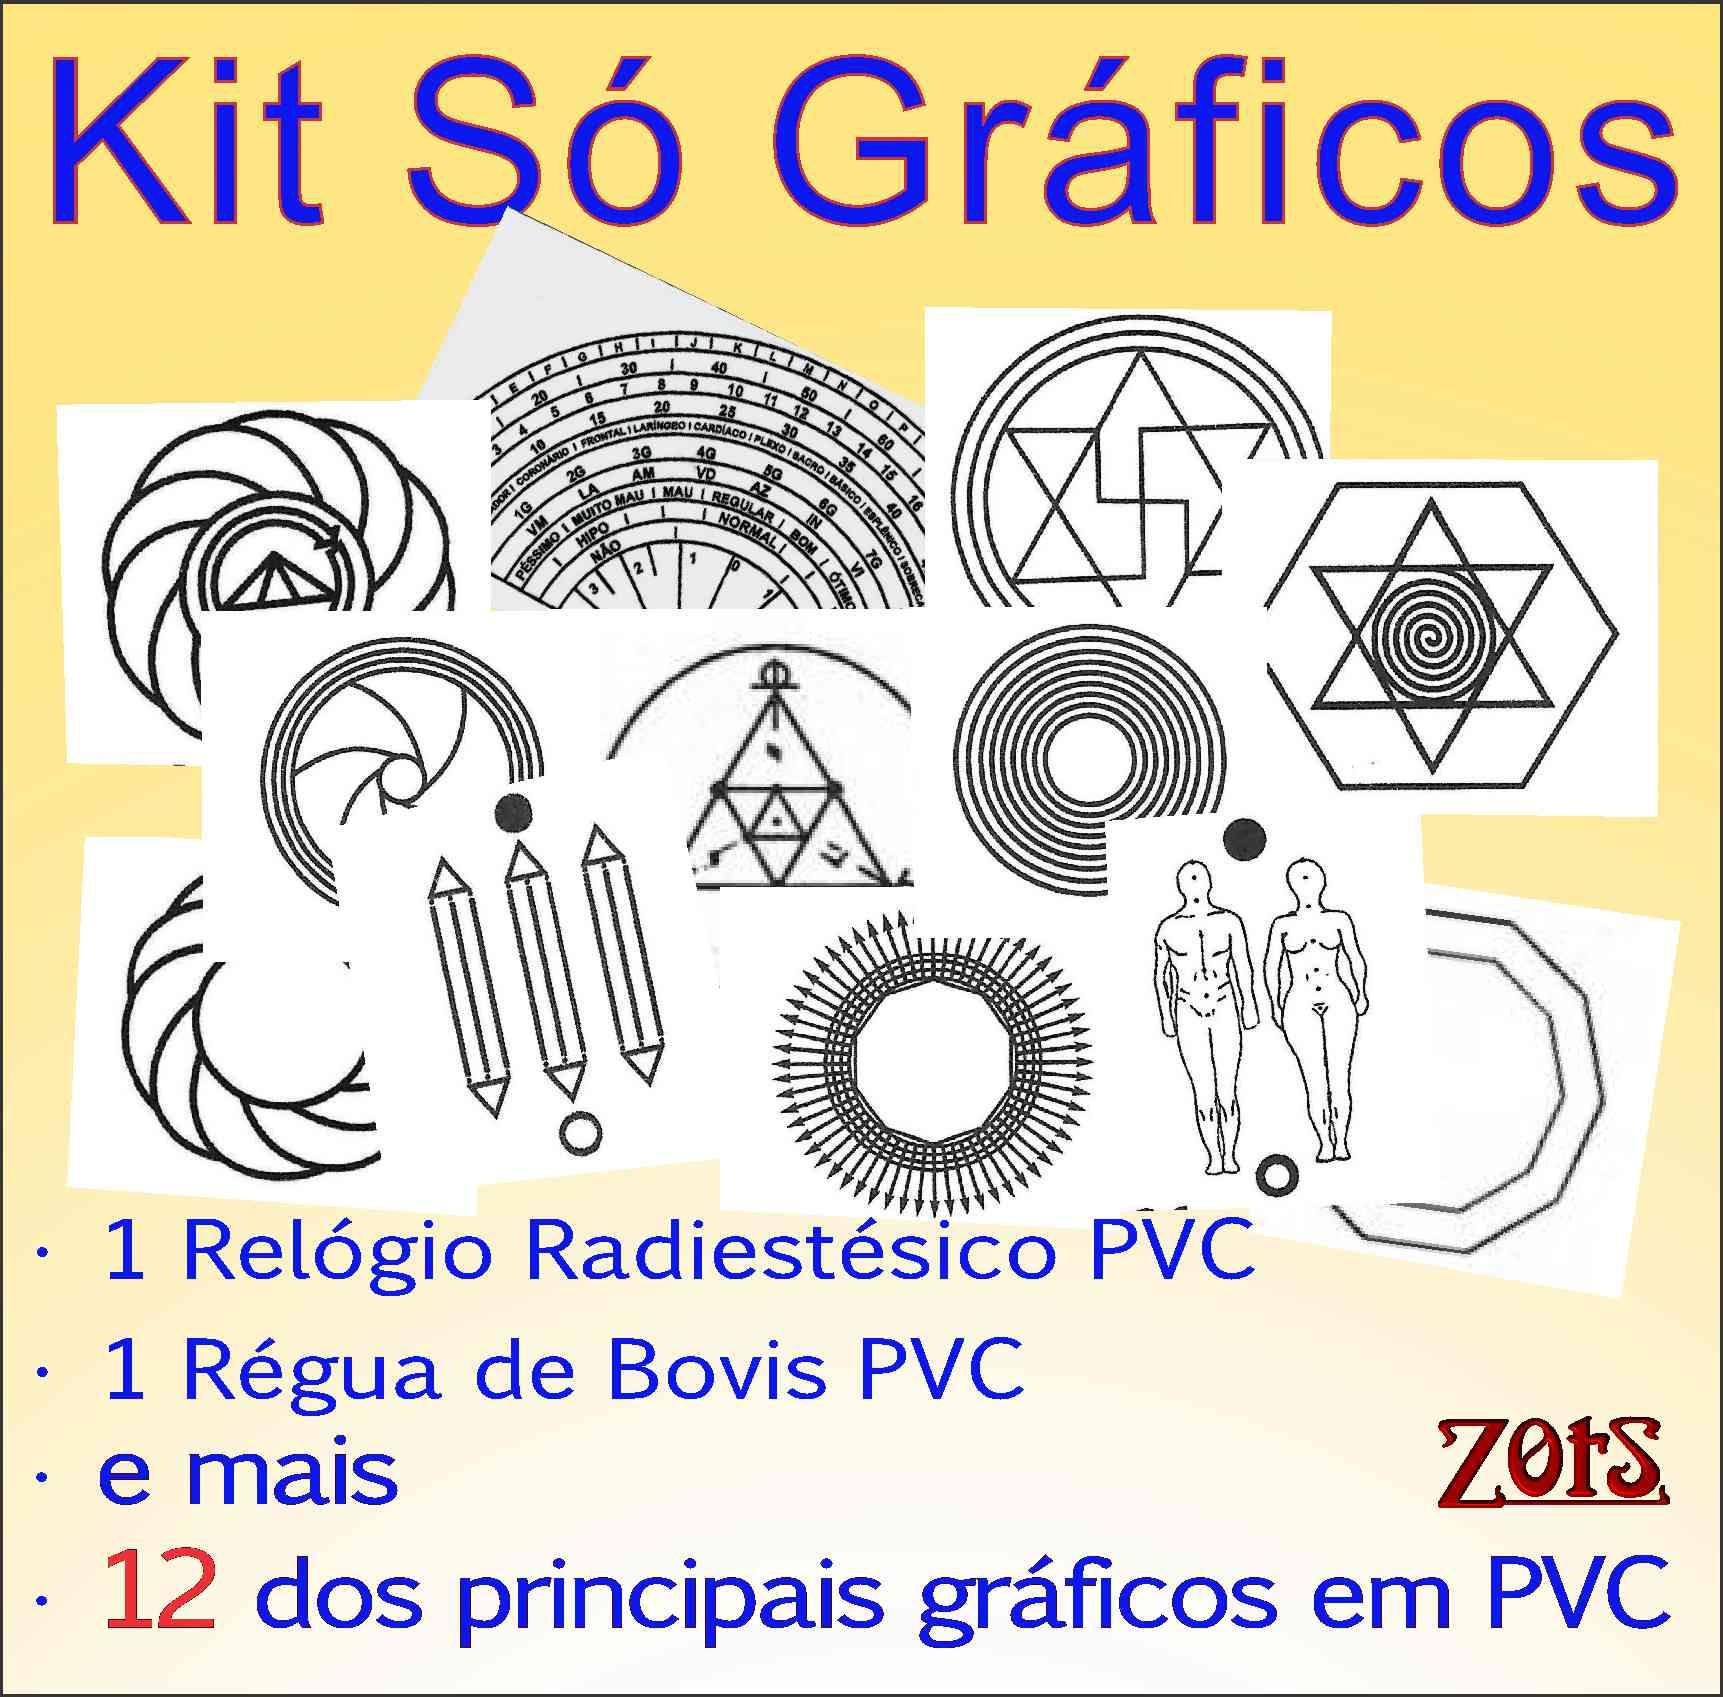 Kit Gráficos Radiestesia